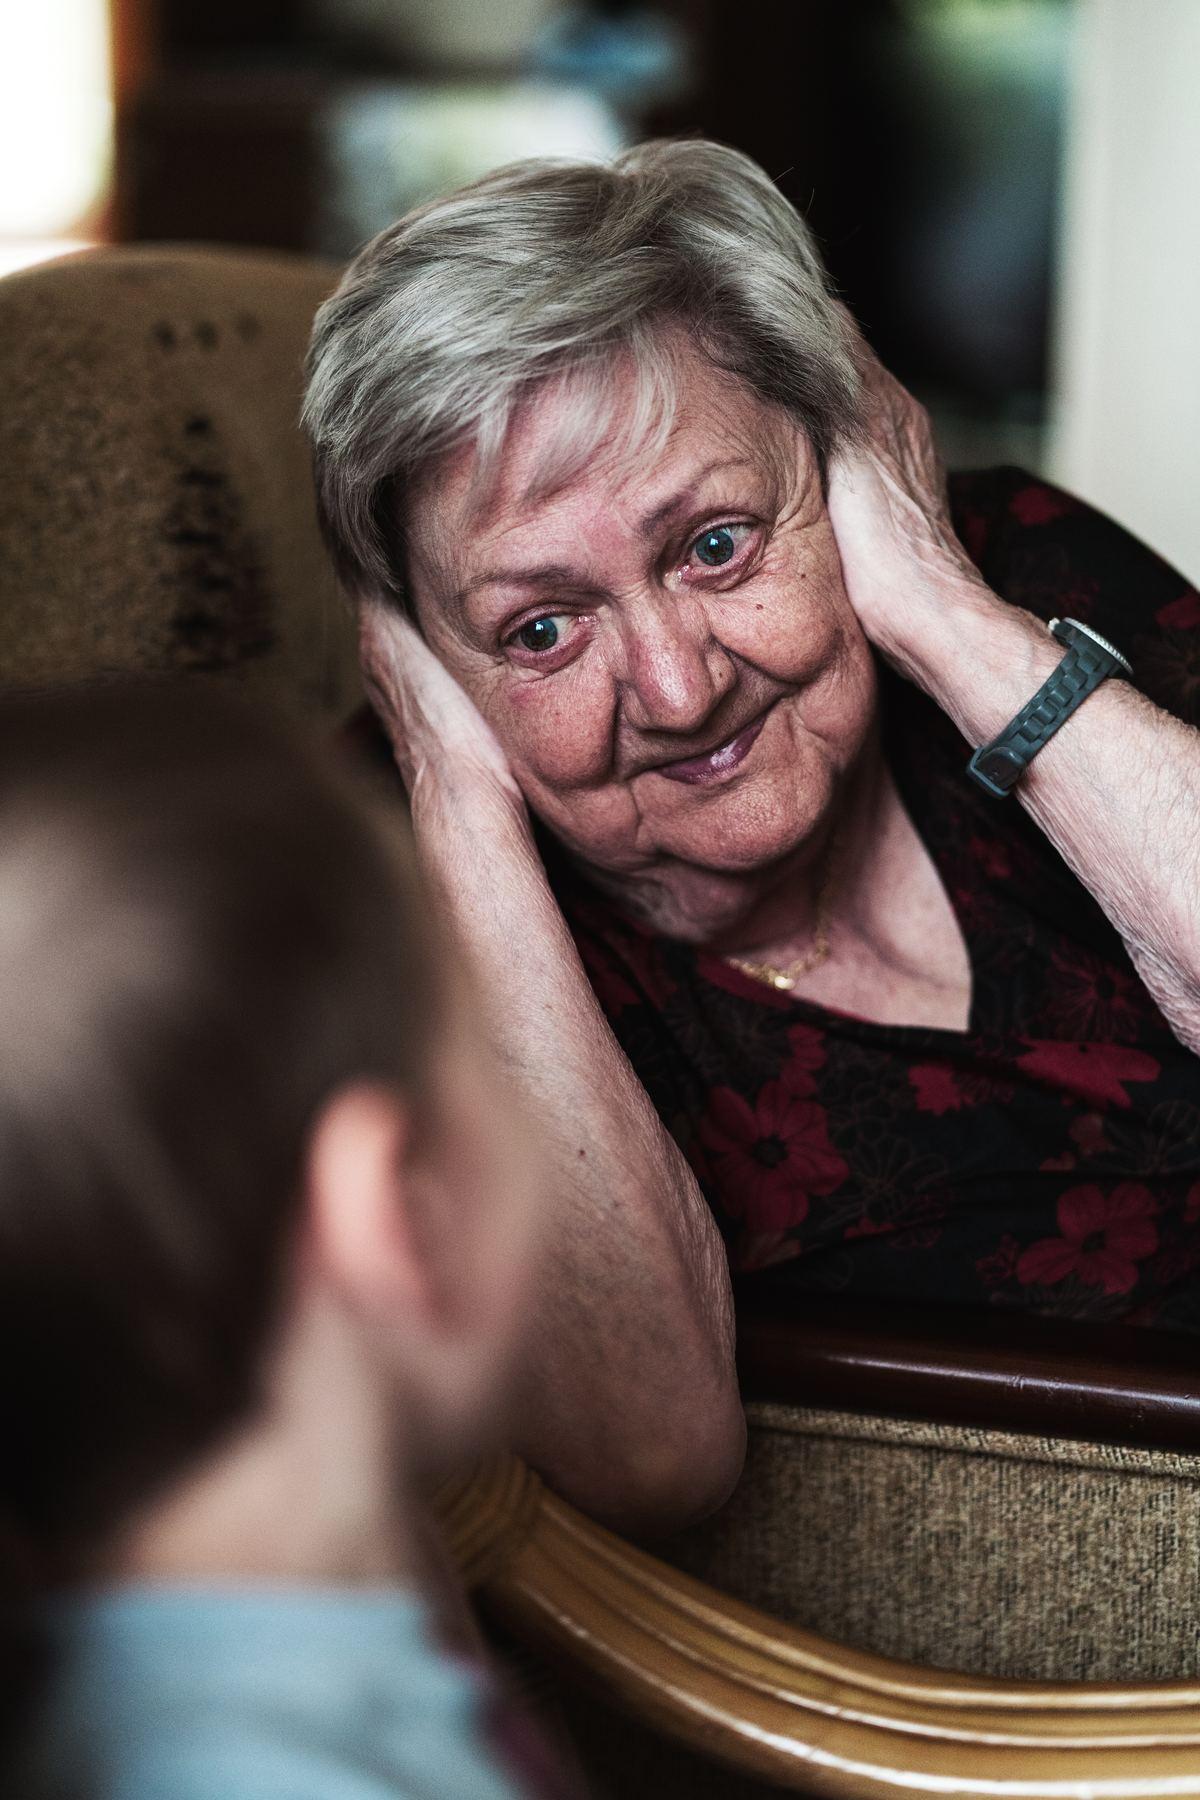 Traitement de difficultés familiales par un psychologue